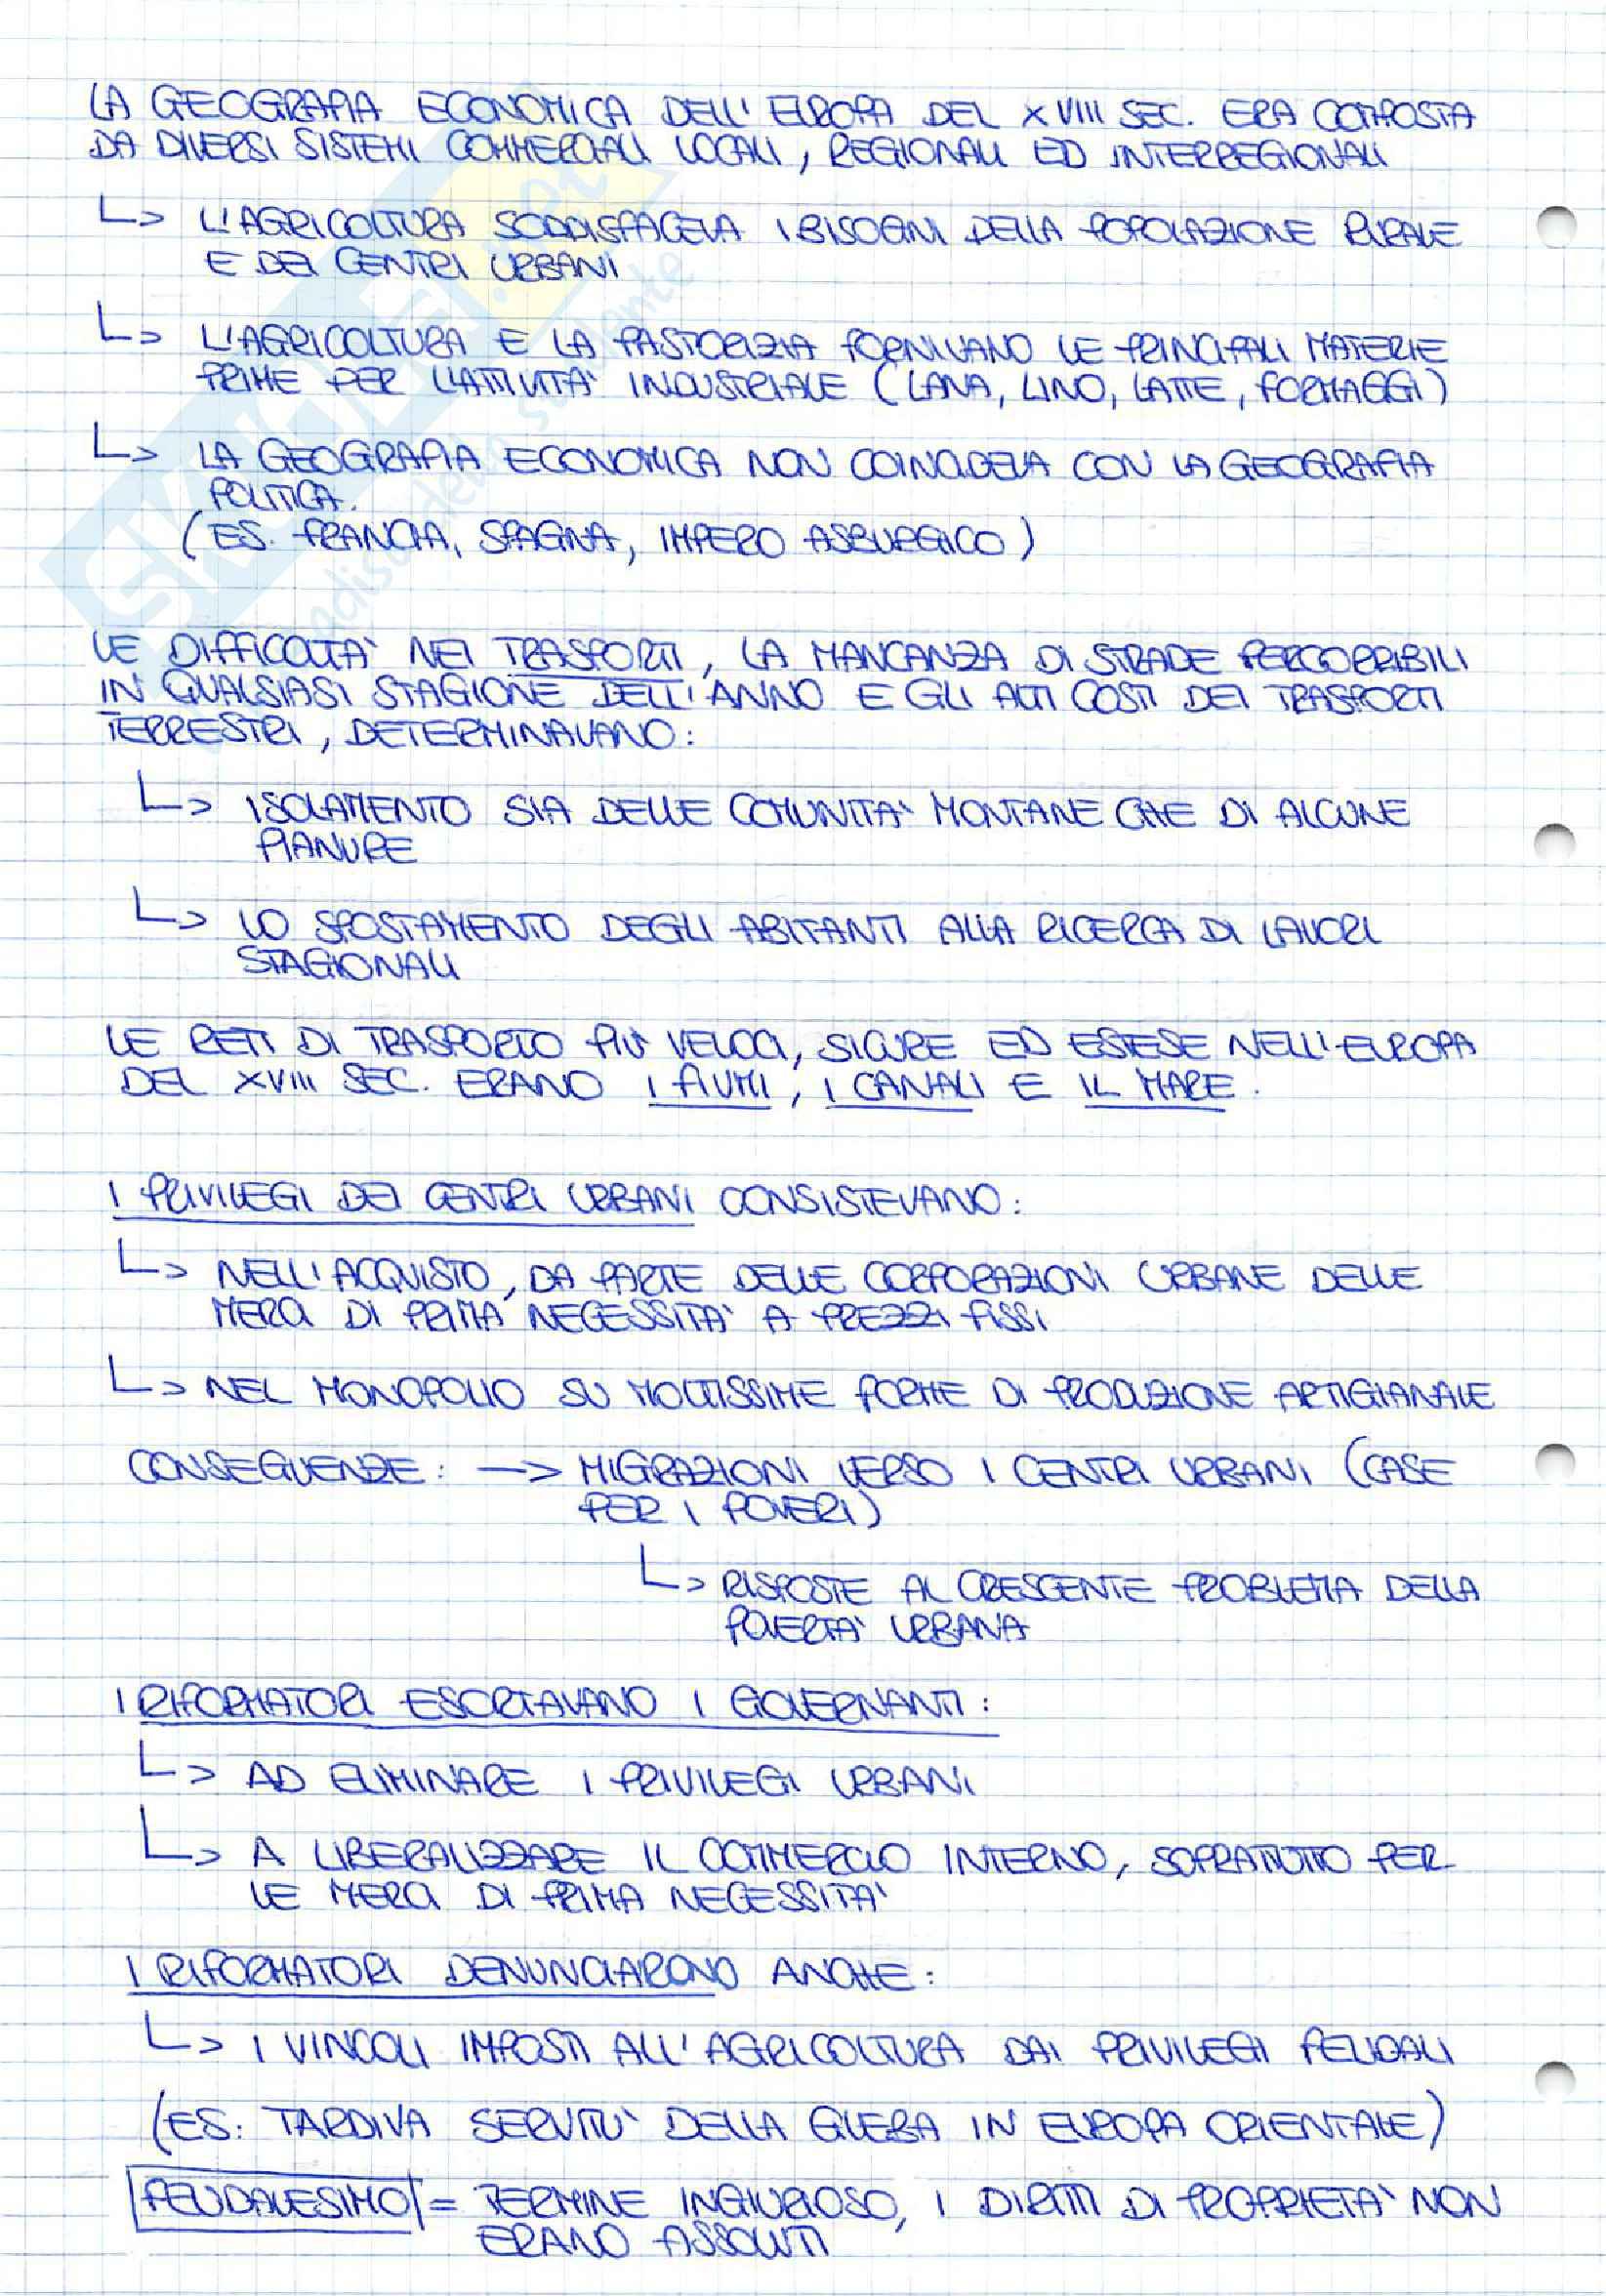 Appunti completi di Storia Economica Pag. 6